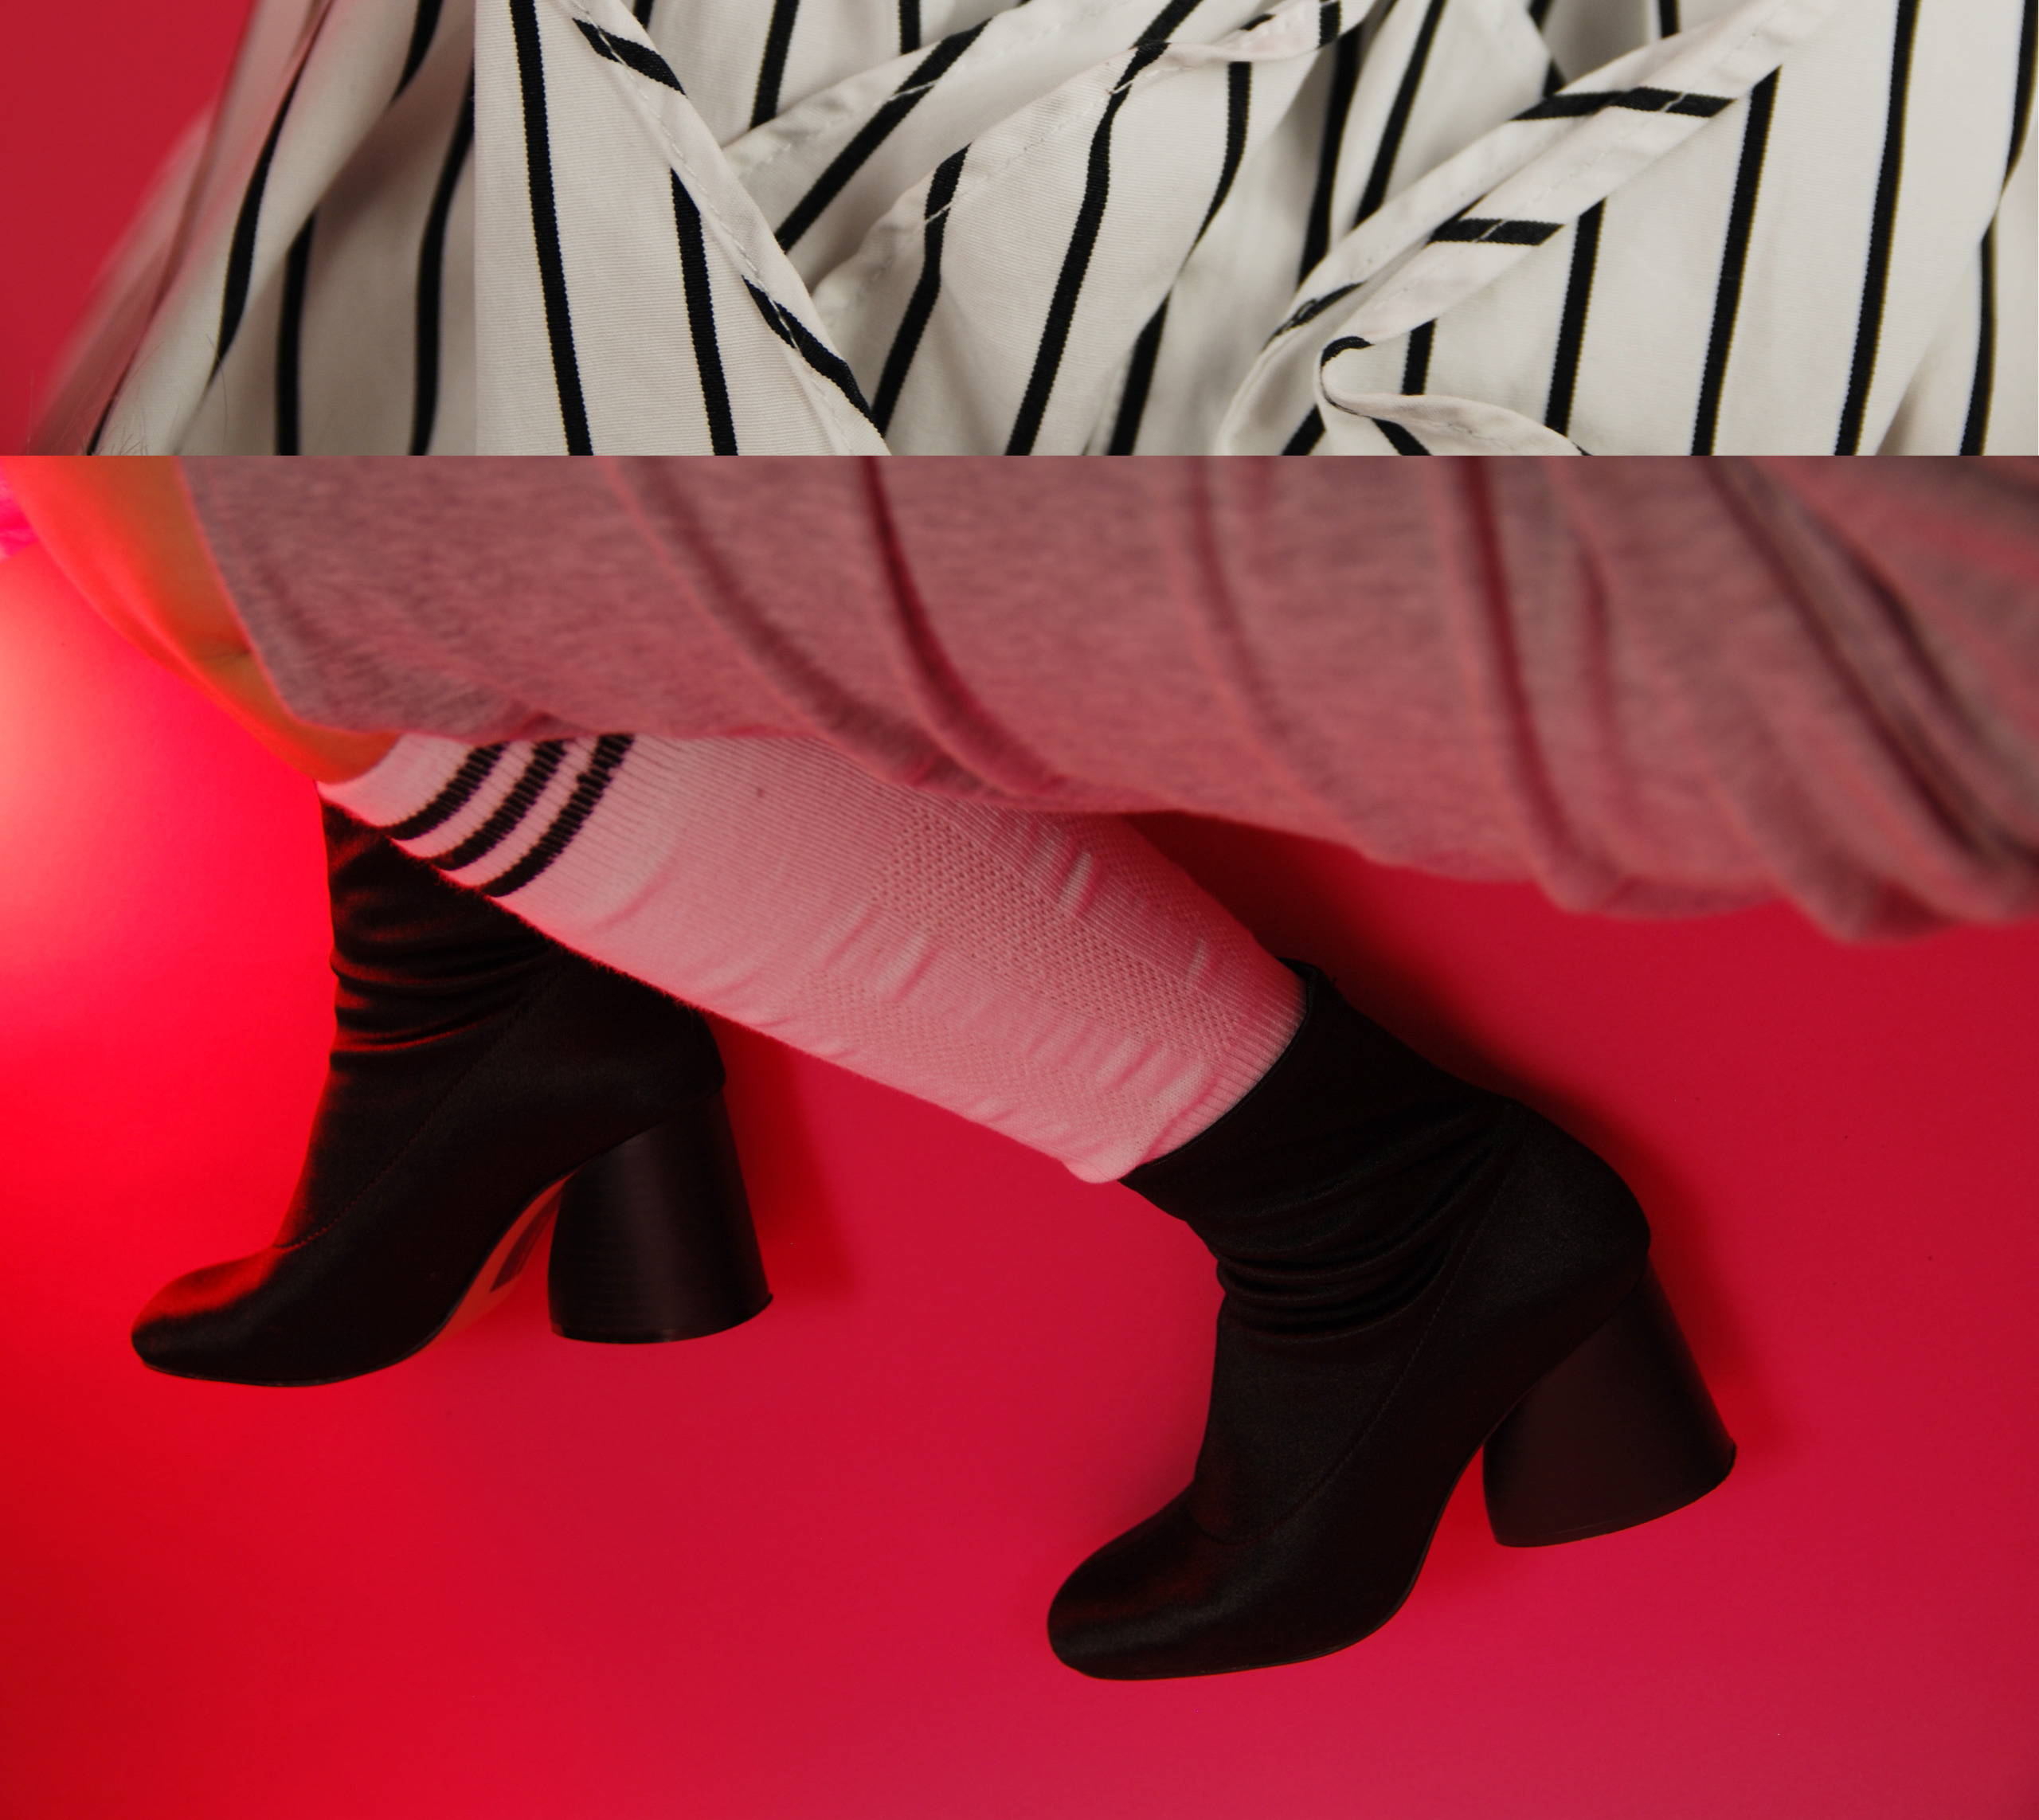 Obraz przedstawia zdjęcie kobiecych nóg w białych skarpetach i czarnych butach, całość na różowym tle. W górnej części zdjęcia widzimy fragment materiału w czarno-białe paski.